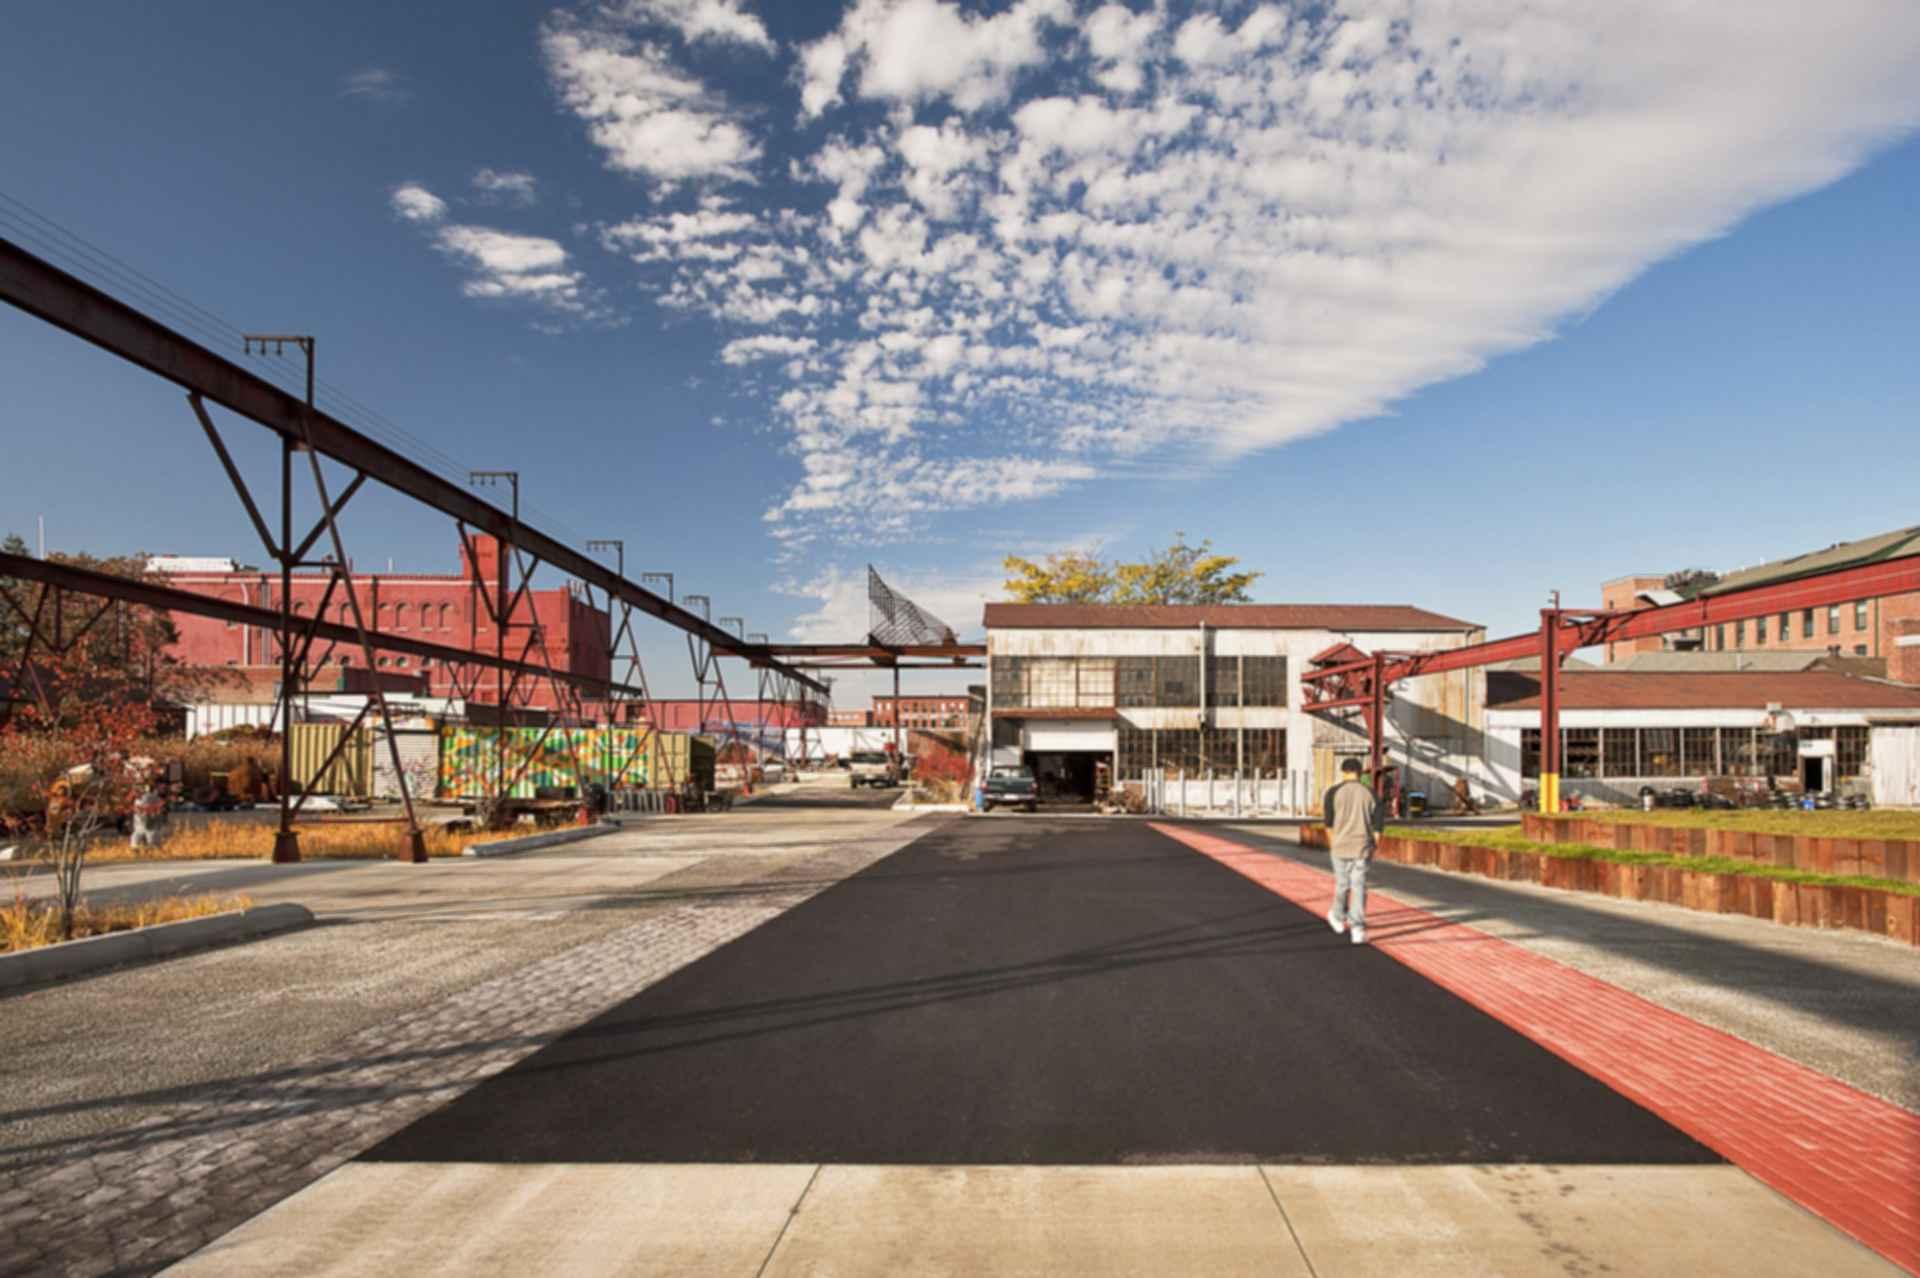 The Steel Yard - Overlooking Yard